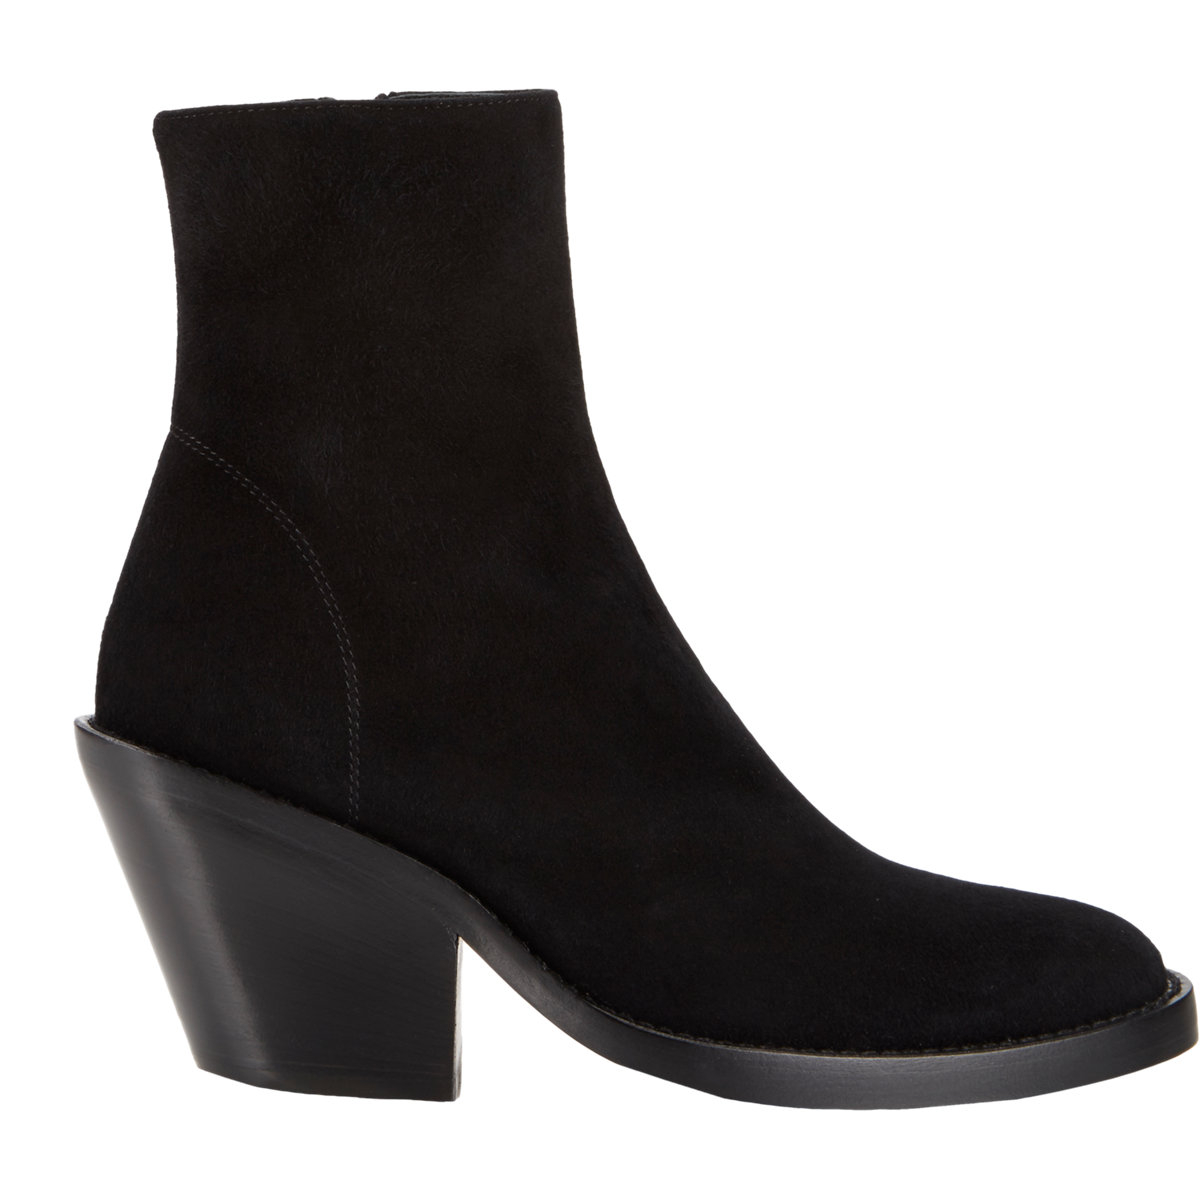 Ann demeulemeester Women's Side-zip Ankle Boots in Black | Lyst